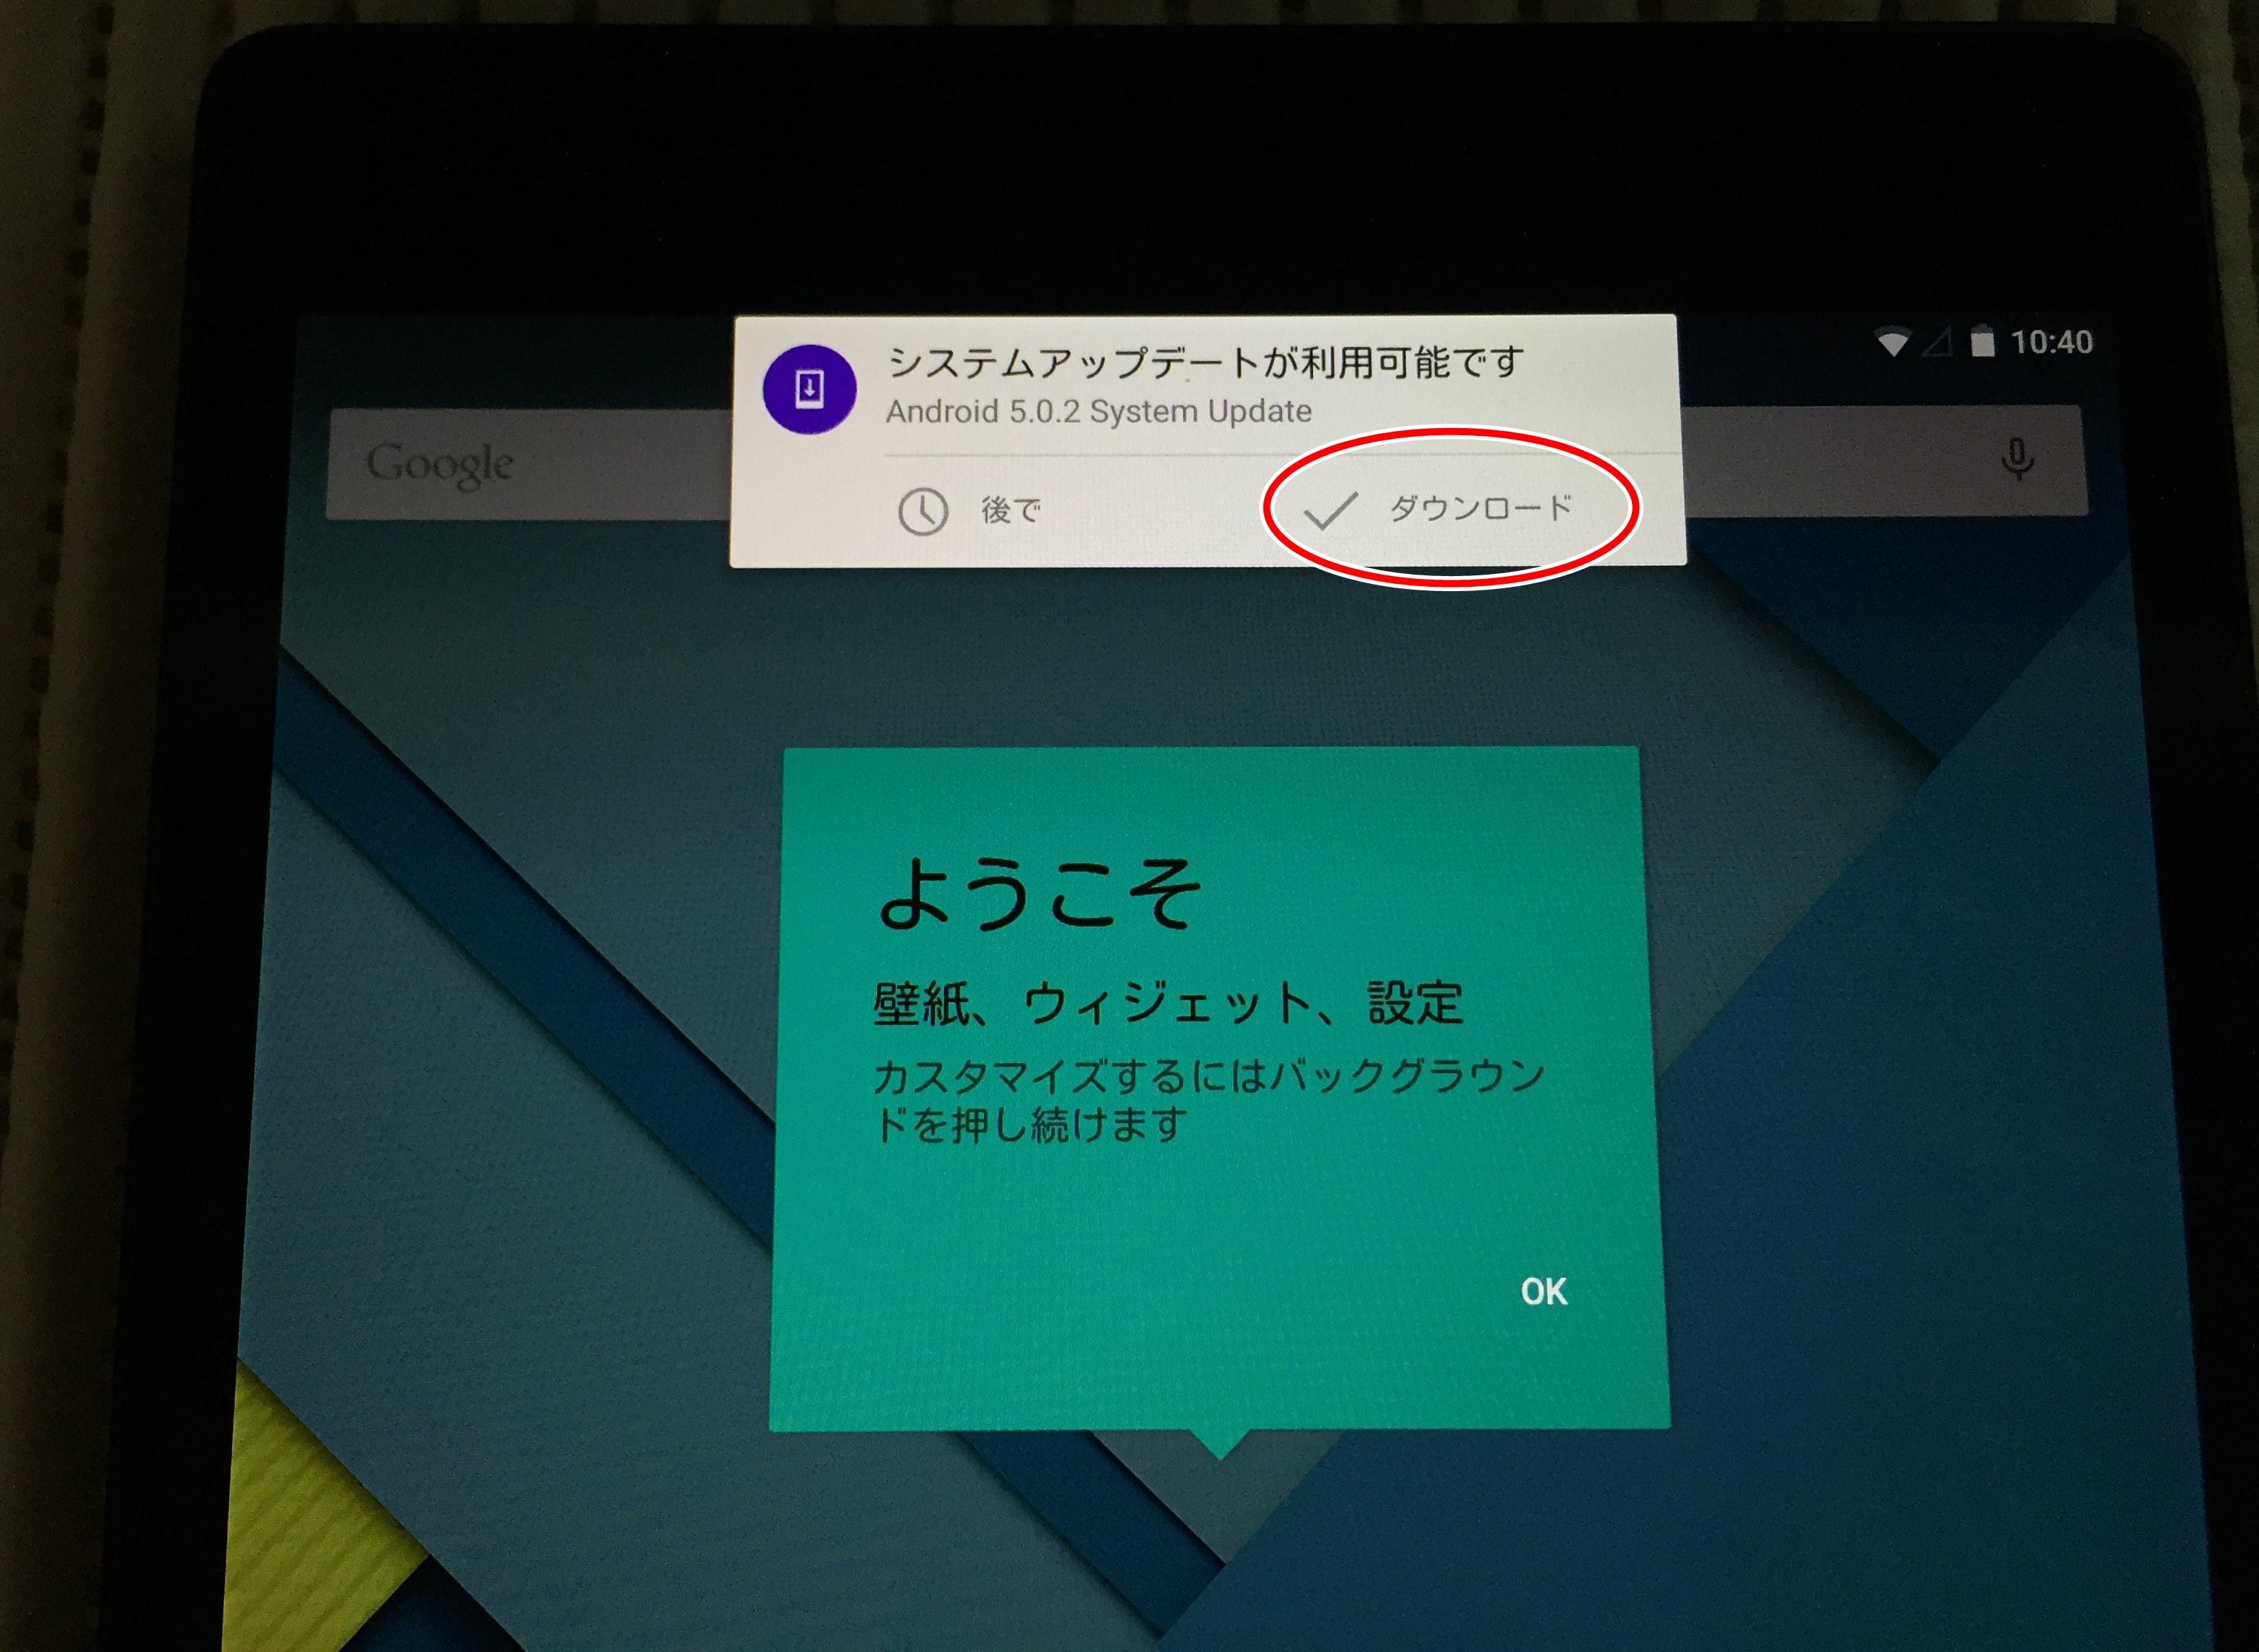 nexus9 android8